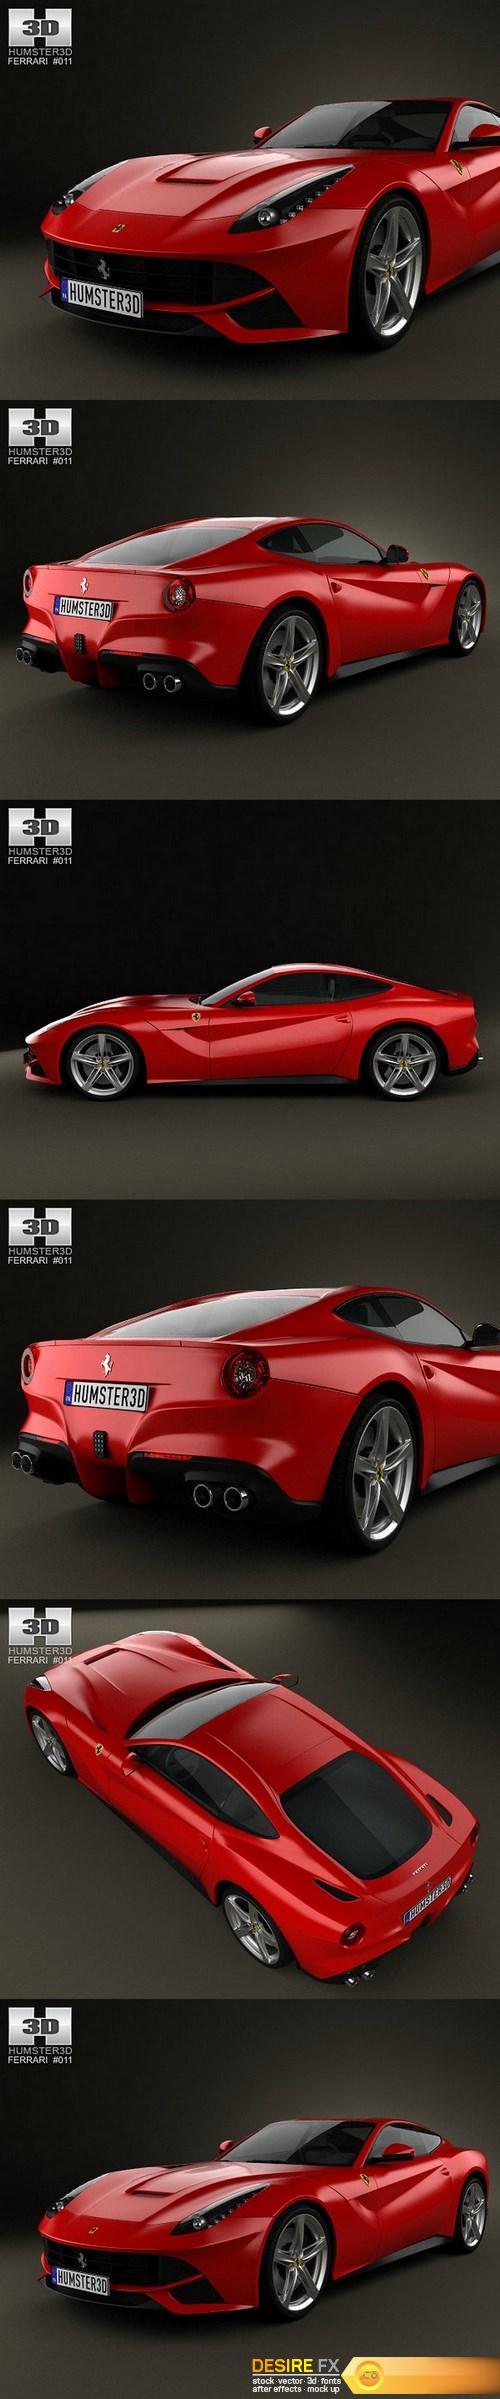 3d-models - Ferrari F12 Berlinetta 2012 3D Model HUMSTER